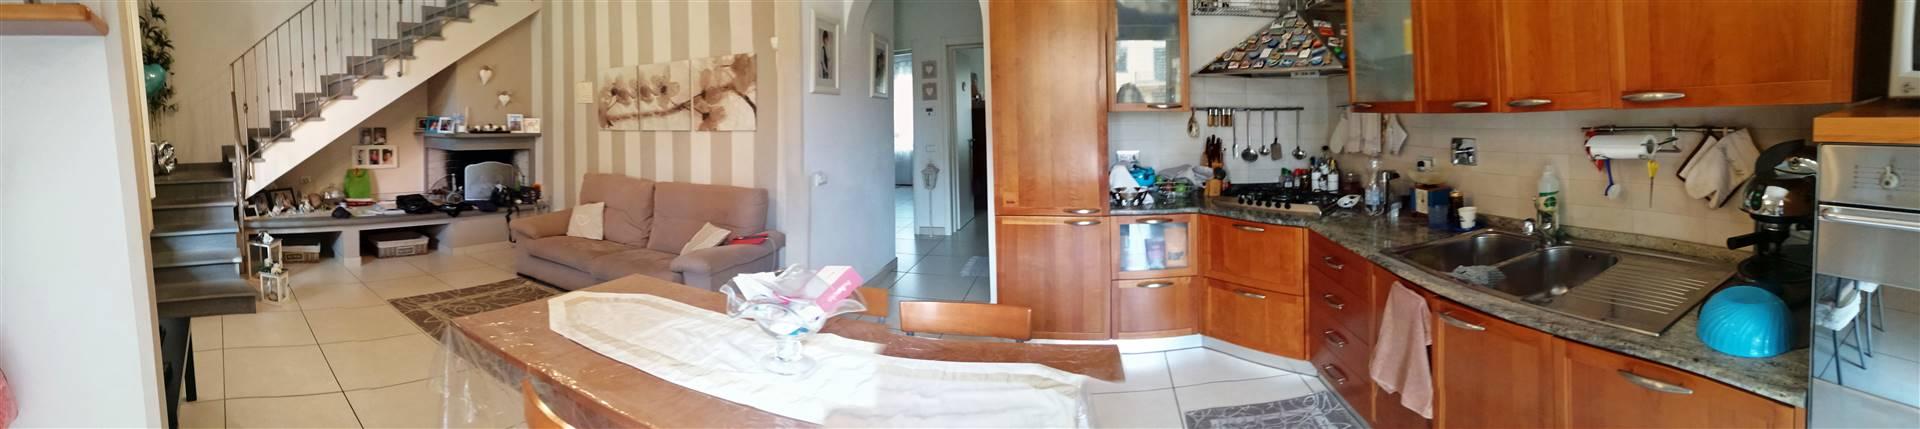 SAN PIERO, AGLIANA, Villa in vendita di 180 Mq, Ottime condizioni, Riscaldamento Autonomo, posto al piano Terra, composto da: 8 Vani, Cucina